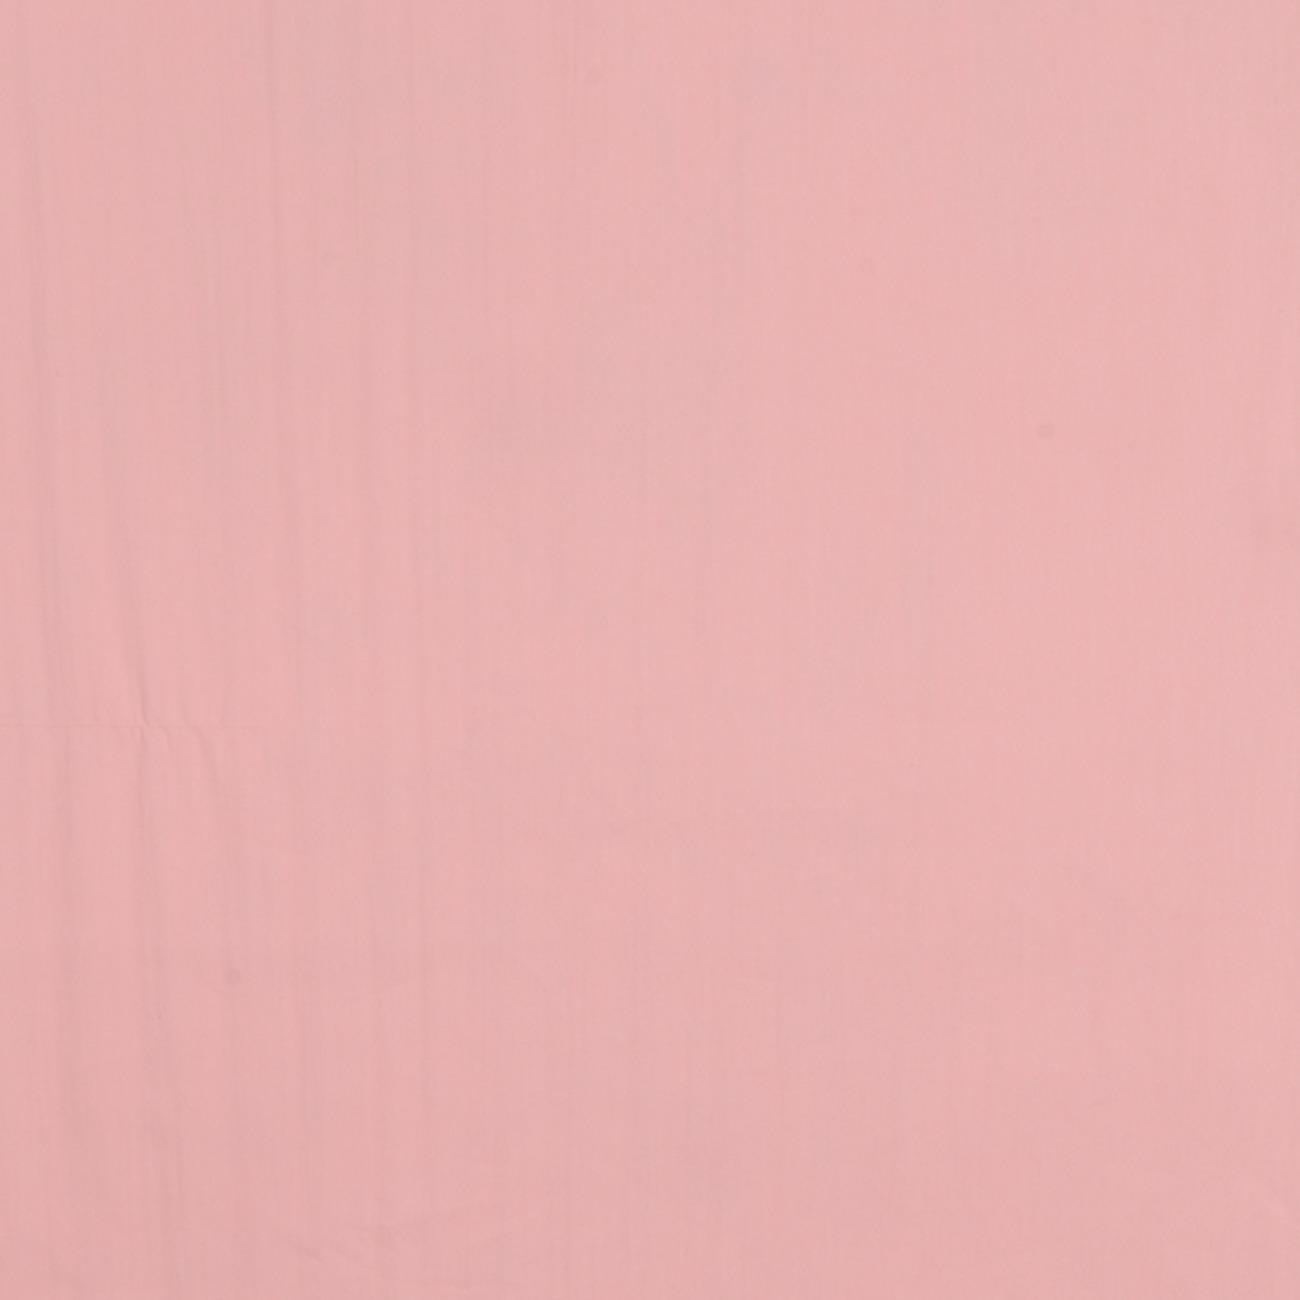 素色平纹梭织外套夹克风衣低弹棉感 春夏衬衣 连衣裙 61219-57